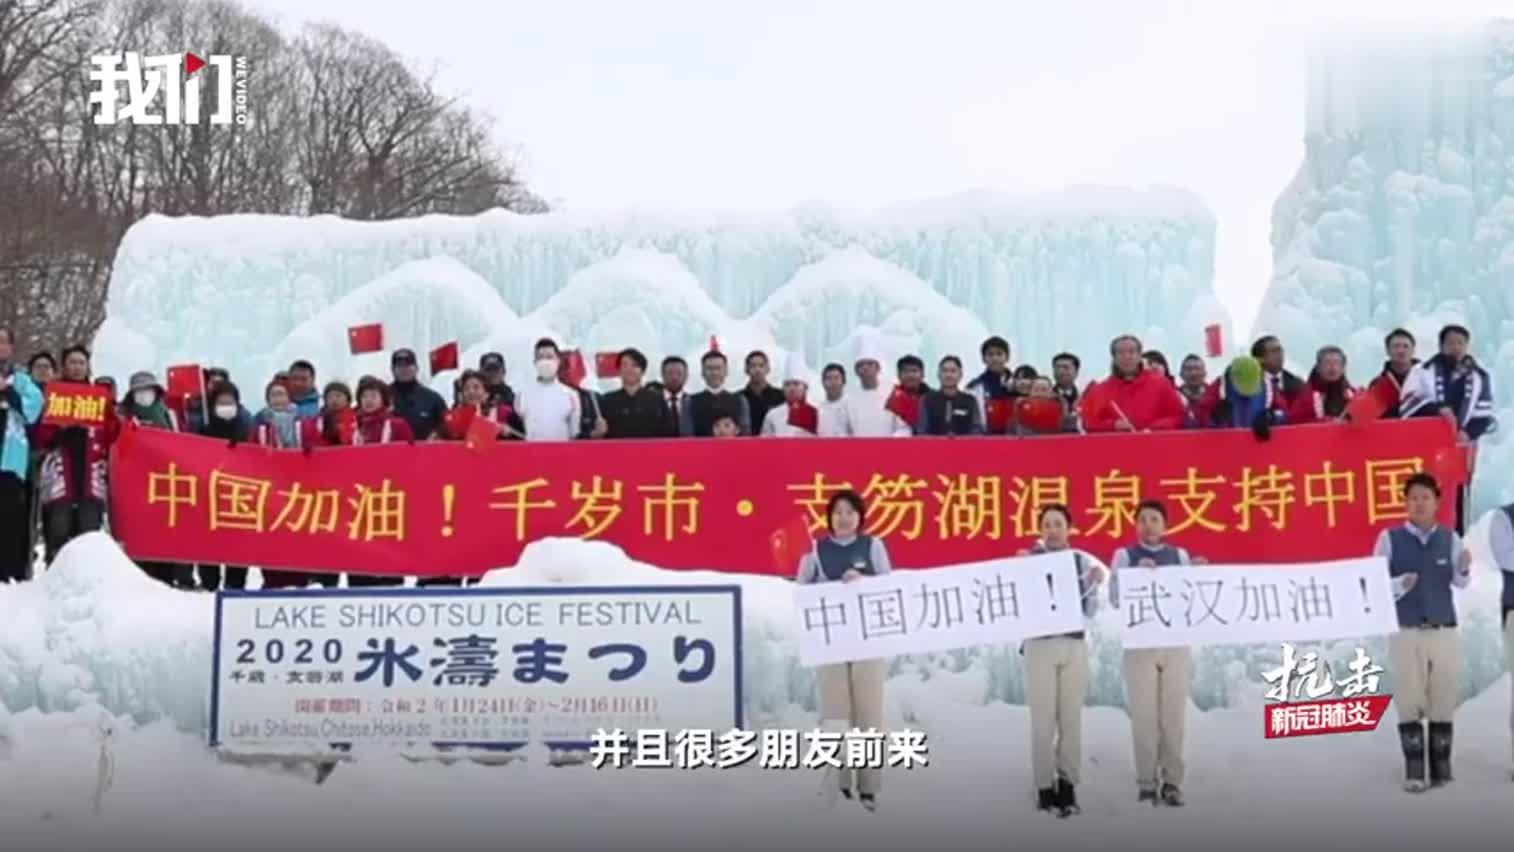 视频-日本民众雪地为中国加油:地震时曾收到鼓励